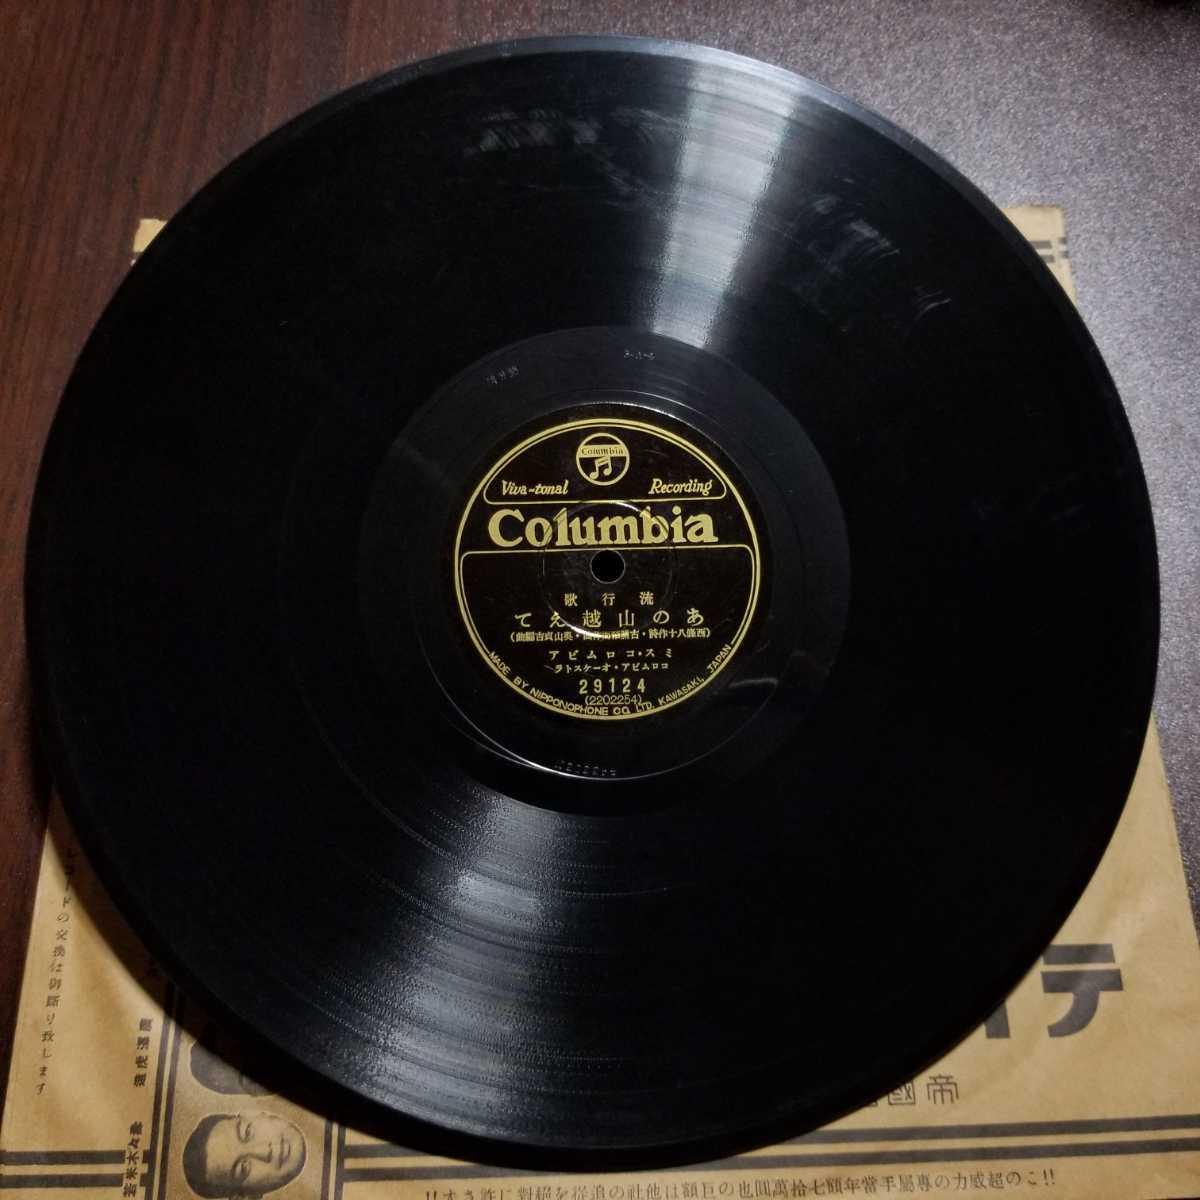 流行歌 輝く春 松平晃 ※ あの山越えて ミス・コロムビア 蓄音機SPレコード盤10インチ(25cm) (16_画像2